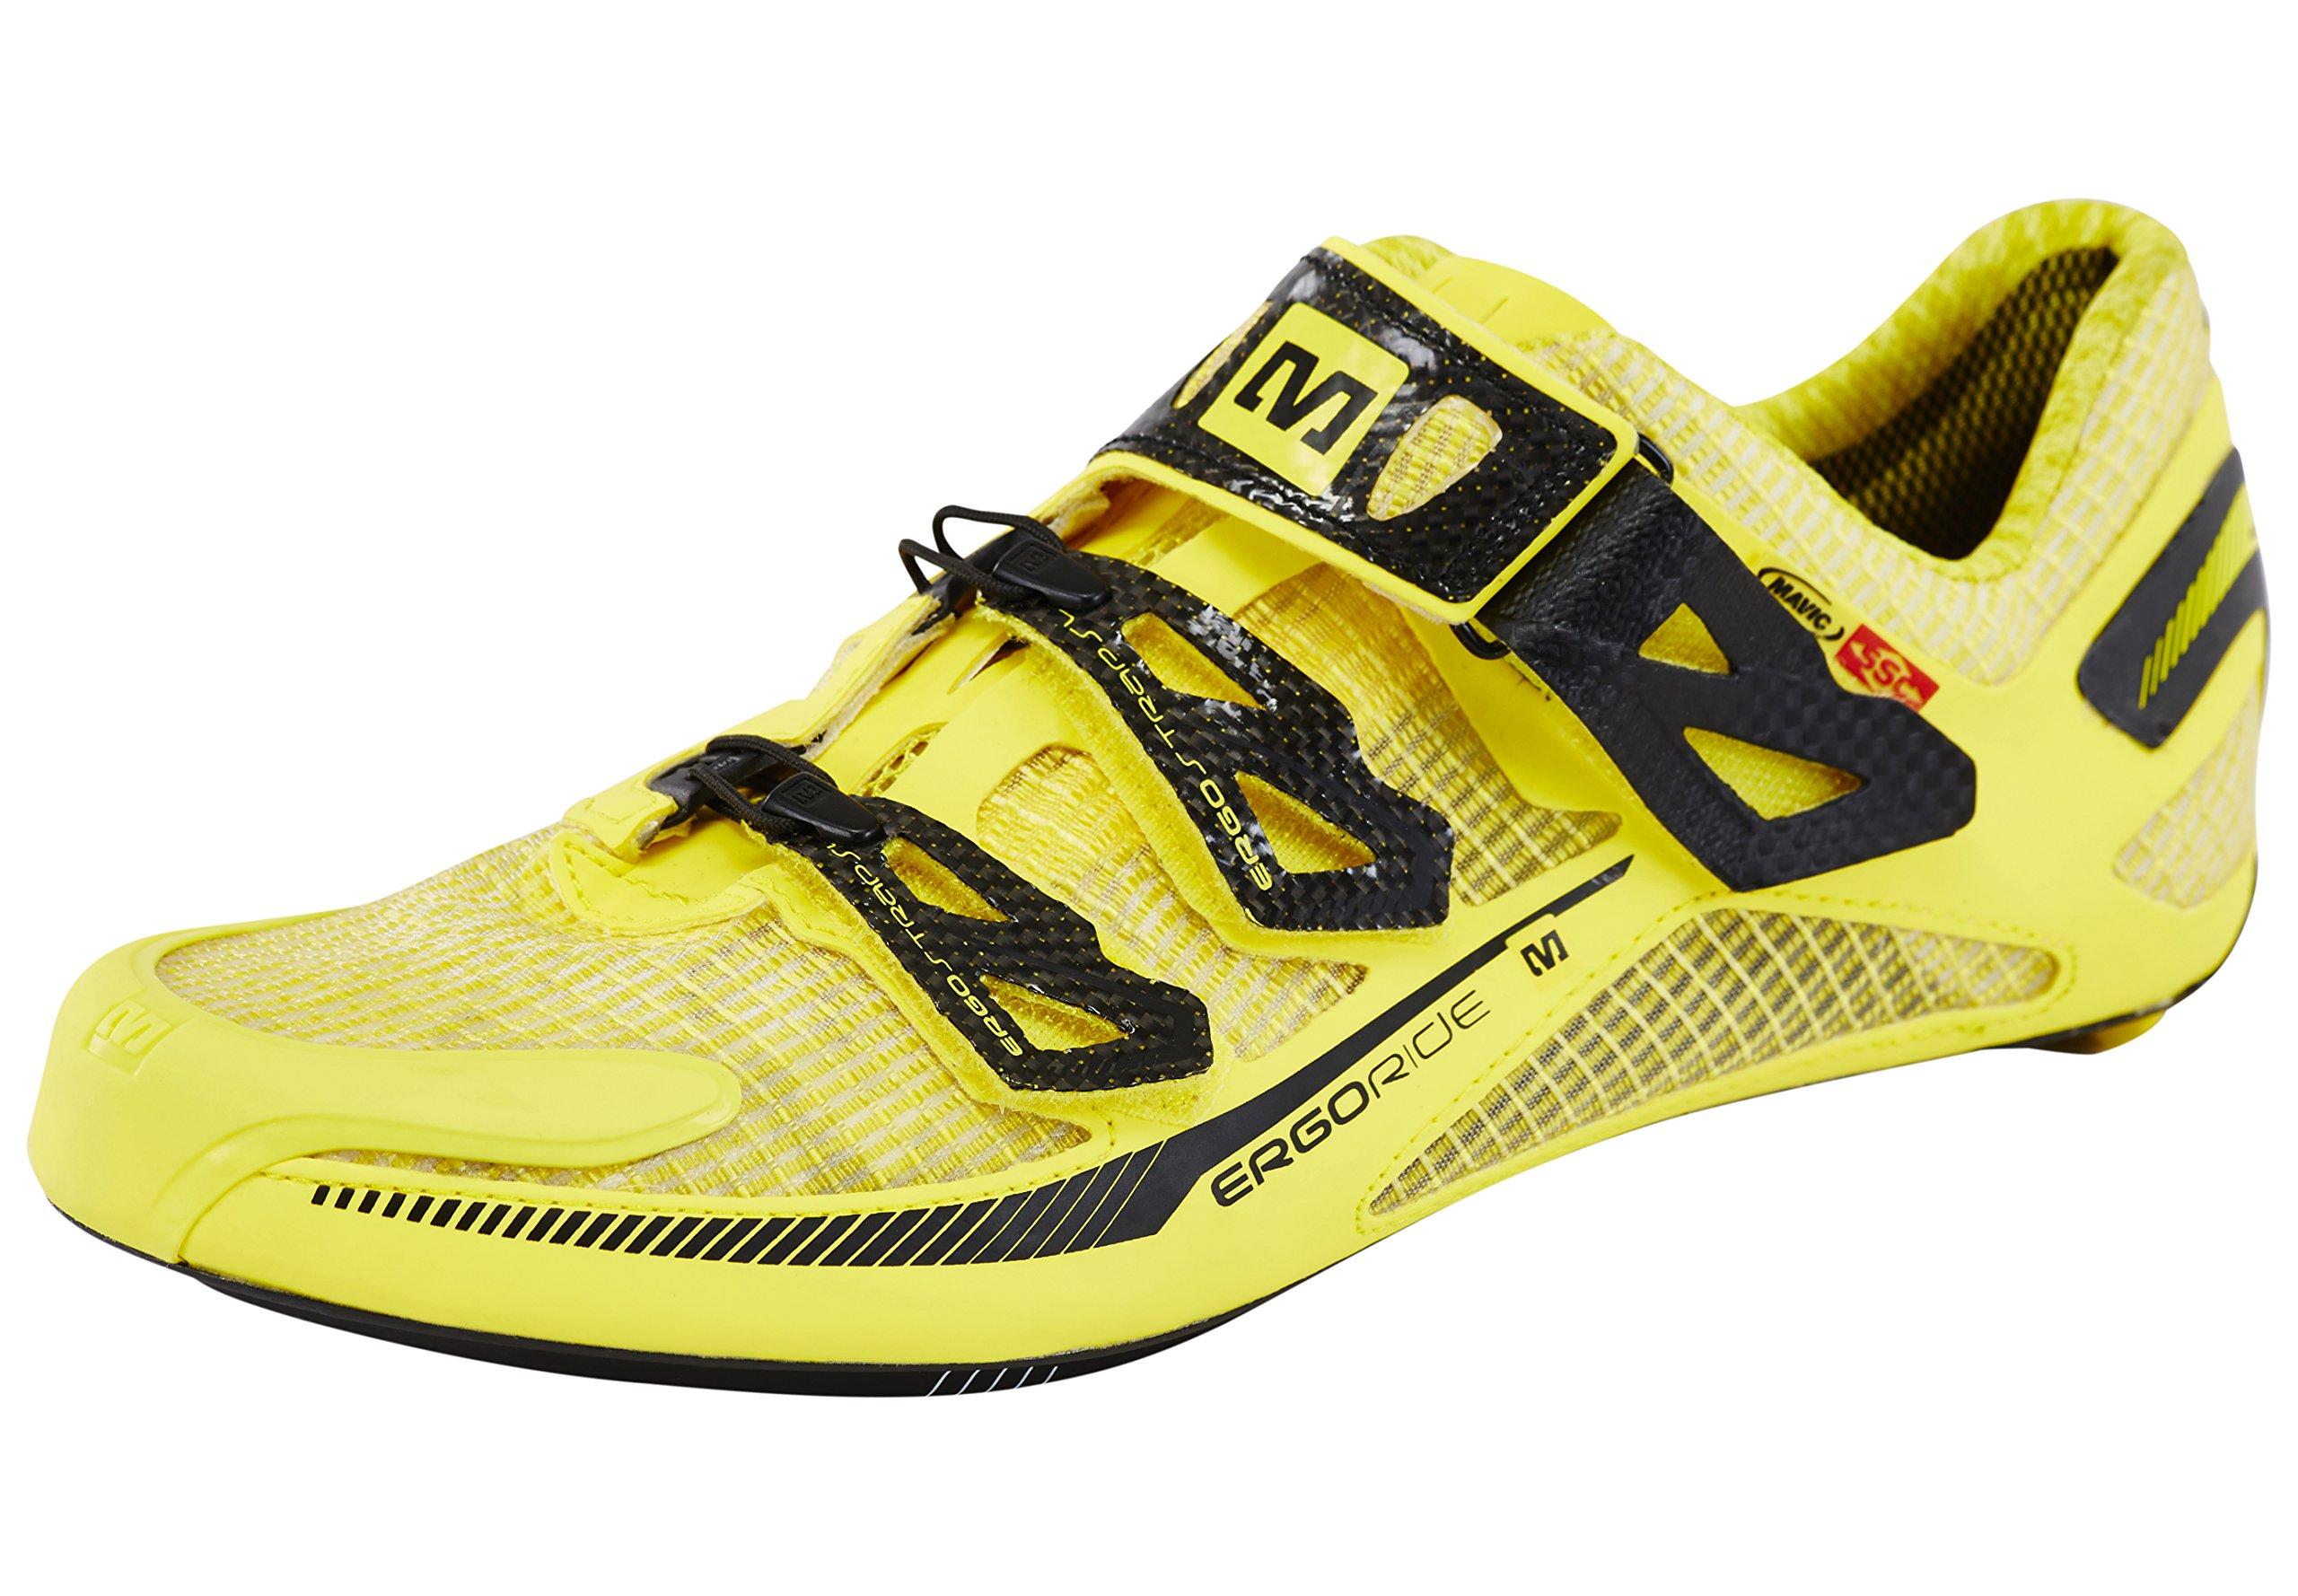 Zapatillas para Bicicleta de Carretera Mavic Huez Amarillo para 2015, Color, Talla 46: Amazon.es: Zapatos y complementos